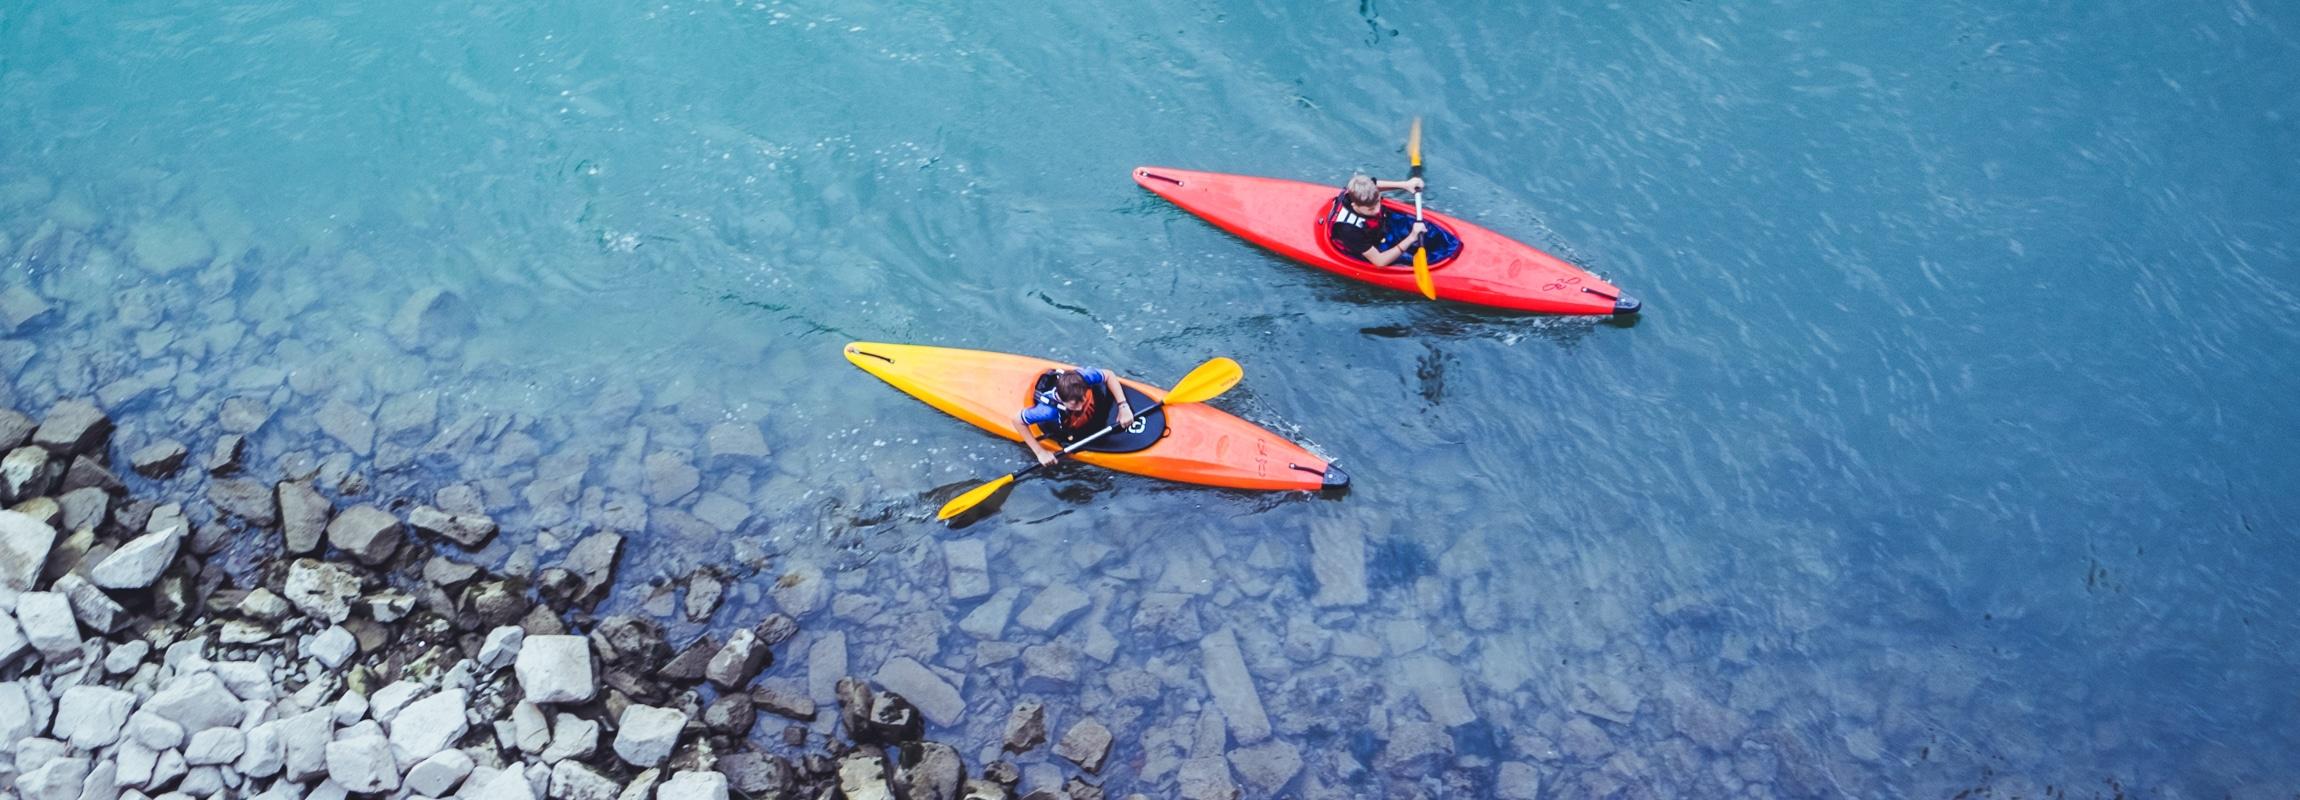 Wassersportarten wie beispielsweise hier im Bild Kajakfahren ist nur ein Teil des sportlichen Angebots im und ums Vallée de la Cèze zwischen den Cévennen und der Provence, Südfrankreich.